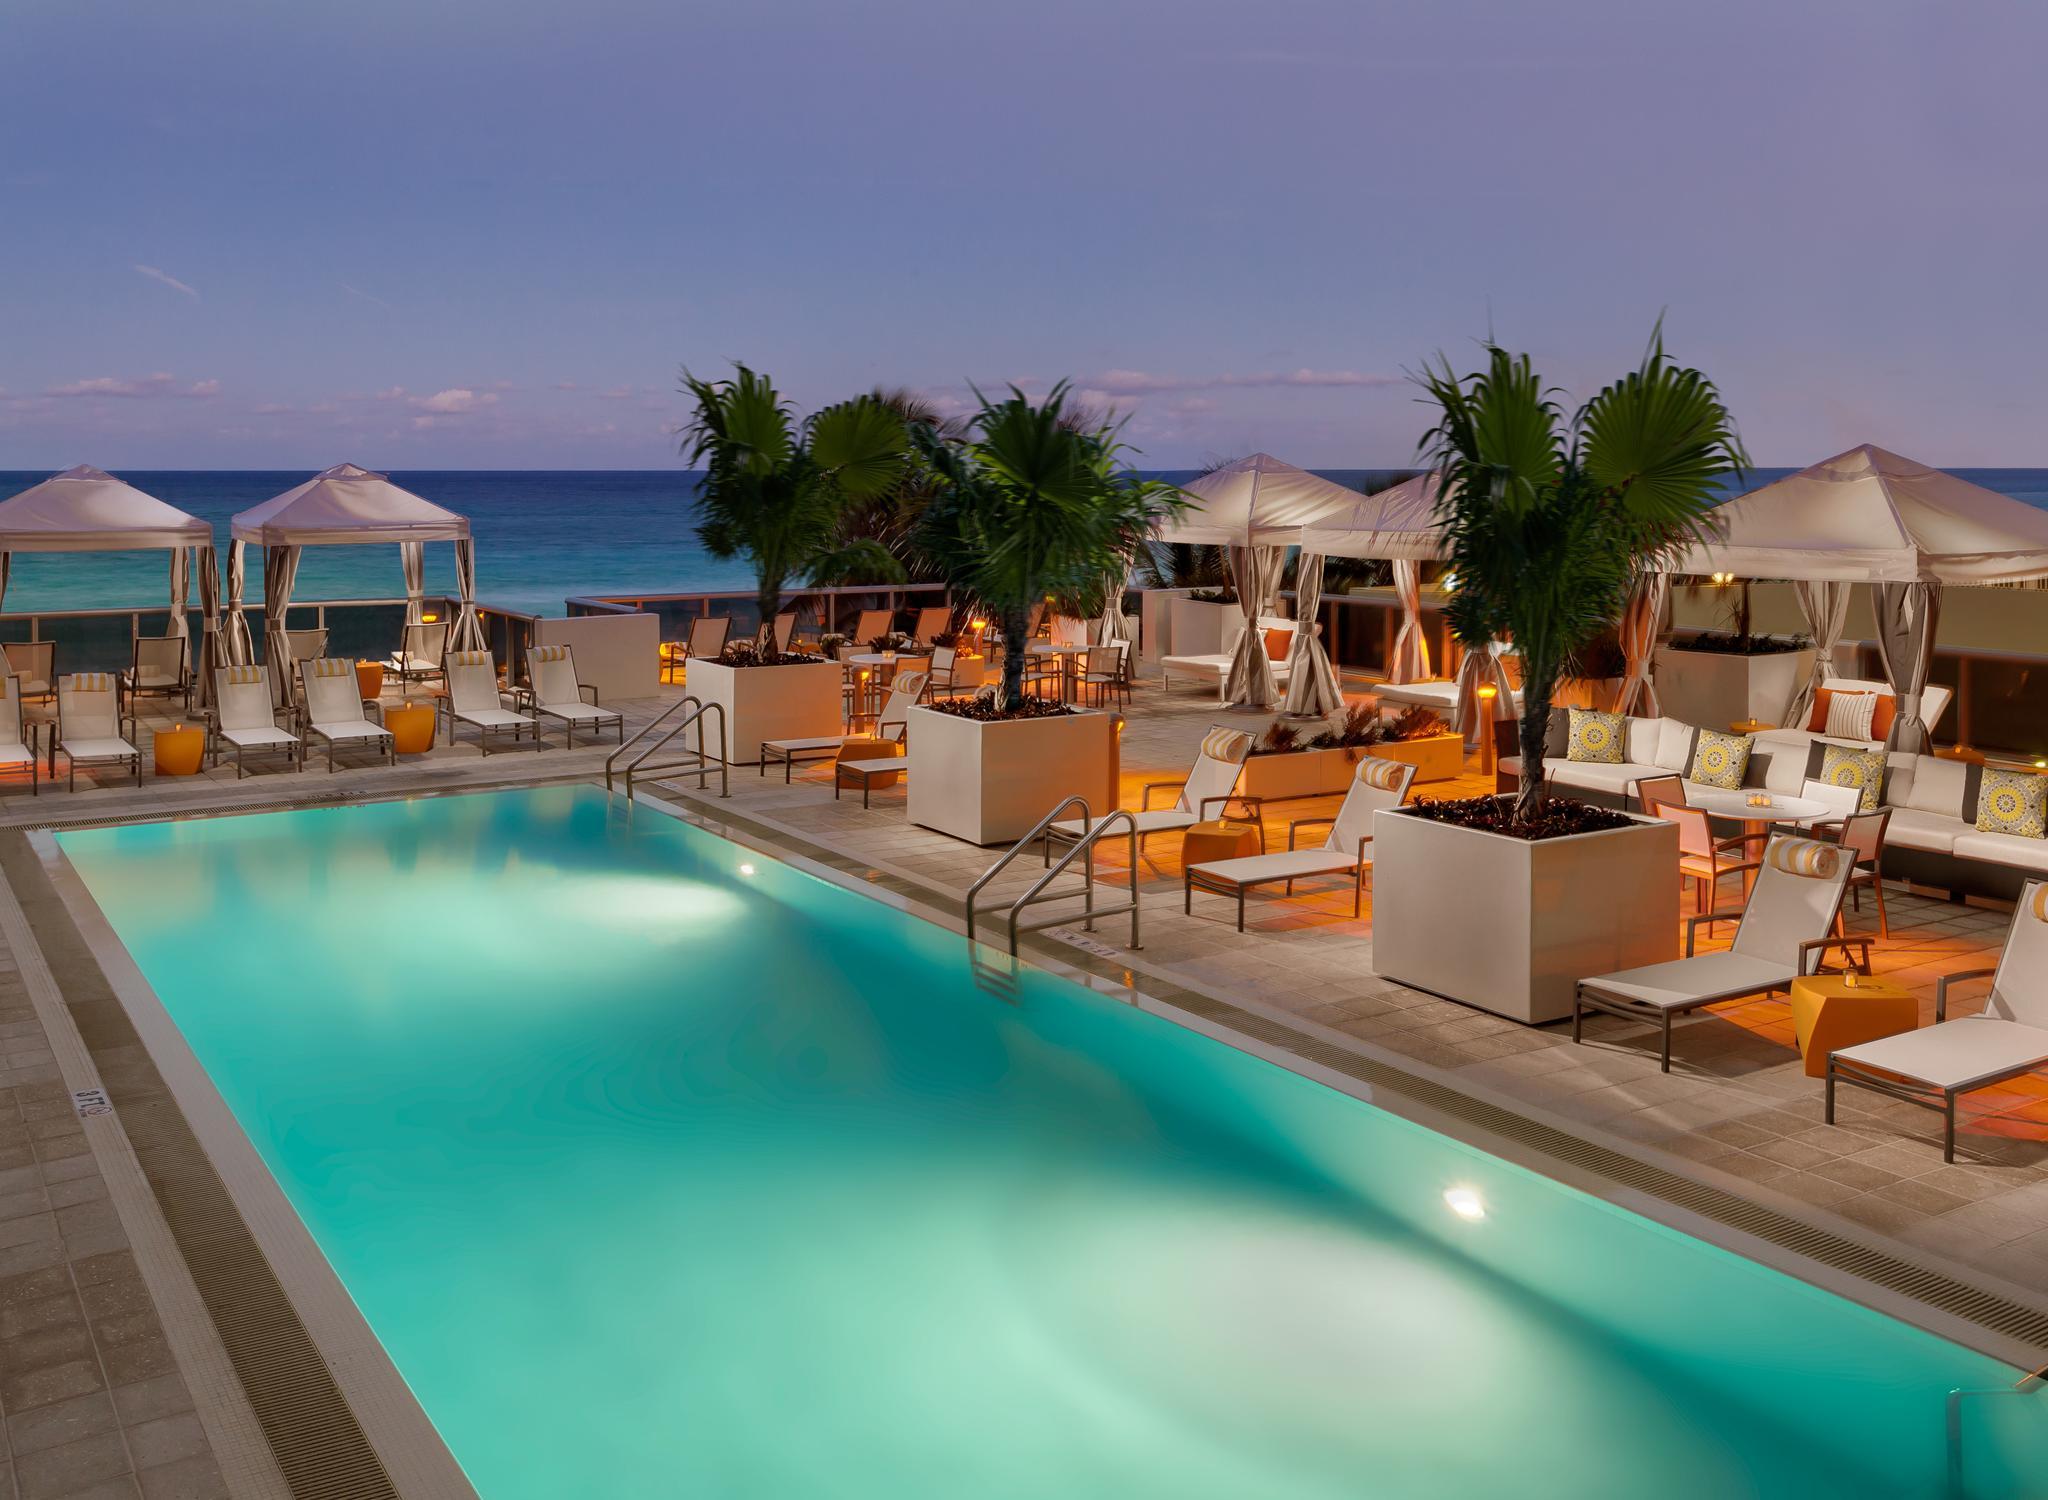 Hoteles en usa california nueva york miami hilton for Hotel avec piscine new york